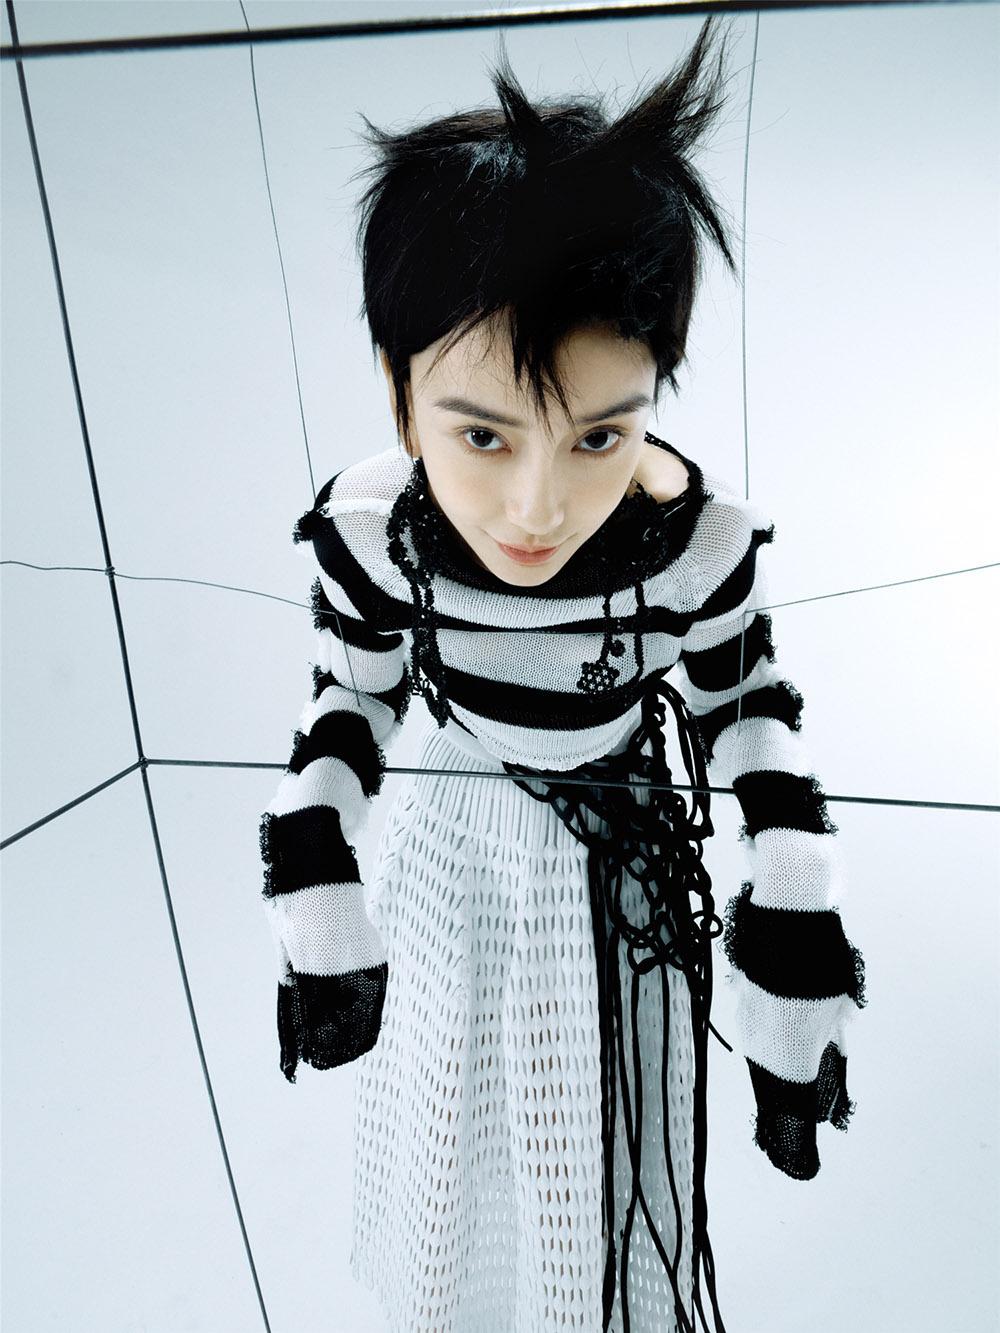 《【杏鑫代理主管】Angelababy短发造型登封 黑猫大片尽显神秘慵懒》